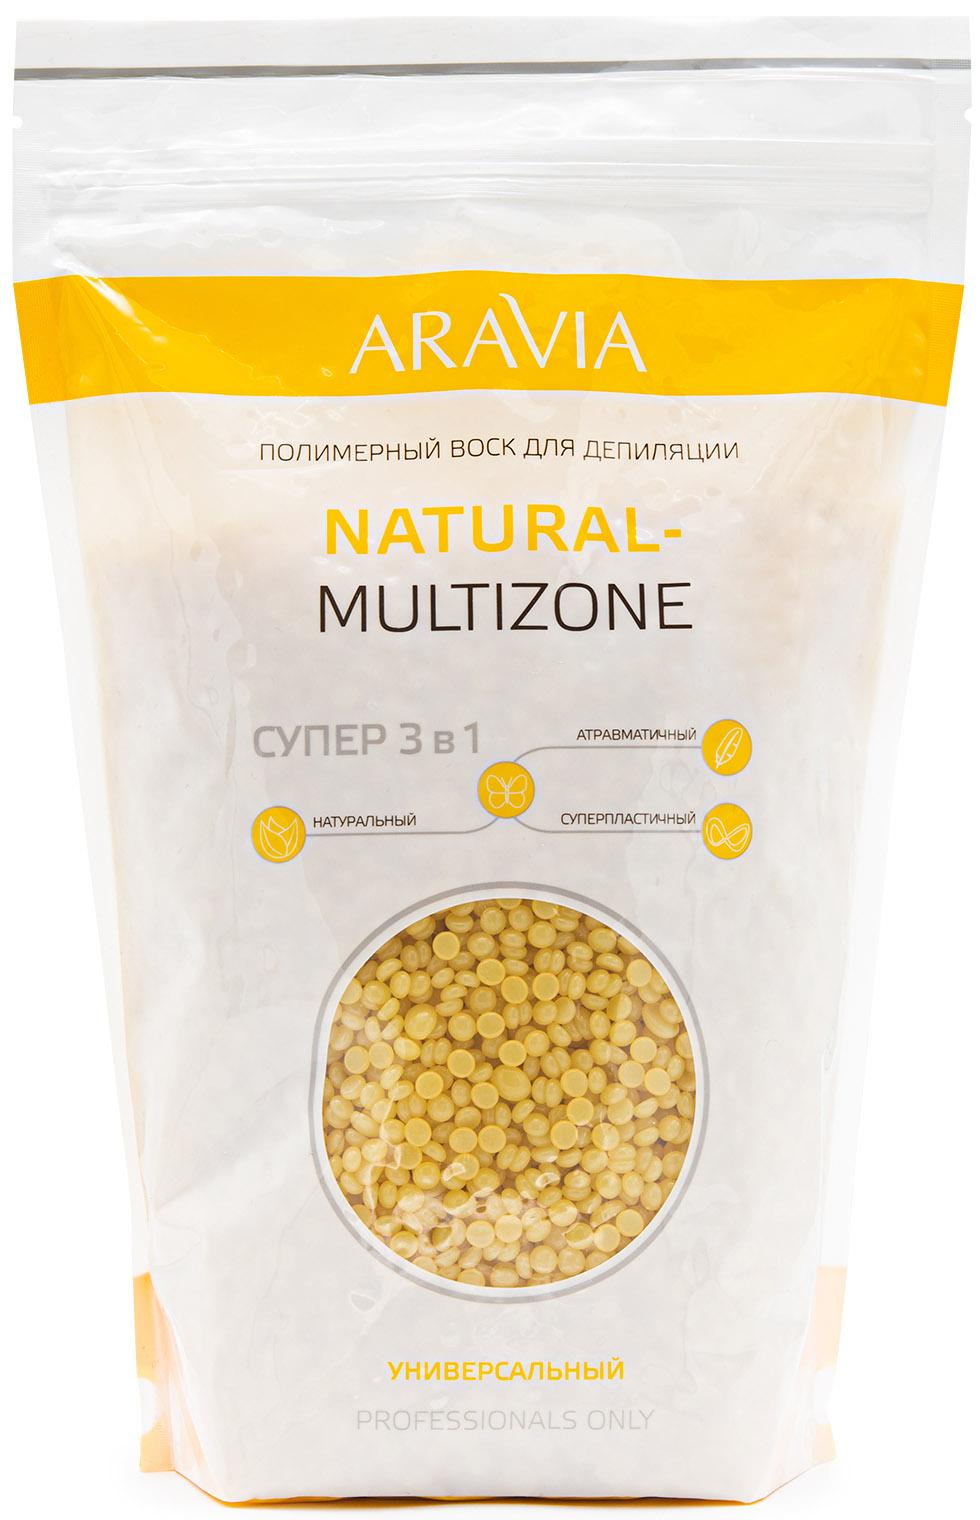 Aravia professional Aravia Professional Полимерный воск для депиляции Naturel-multizone, 1000 г (Aravia professional, Spa Депиляция) депиляция